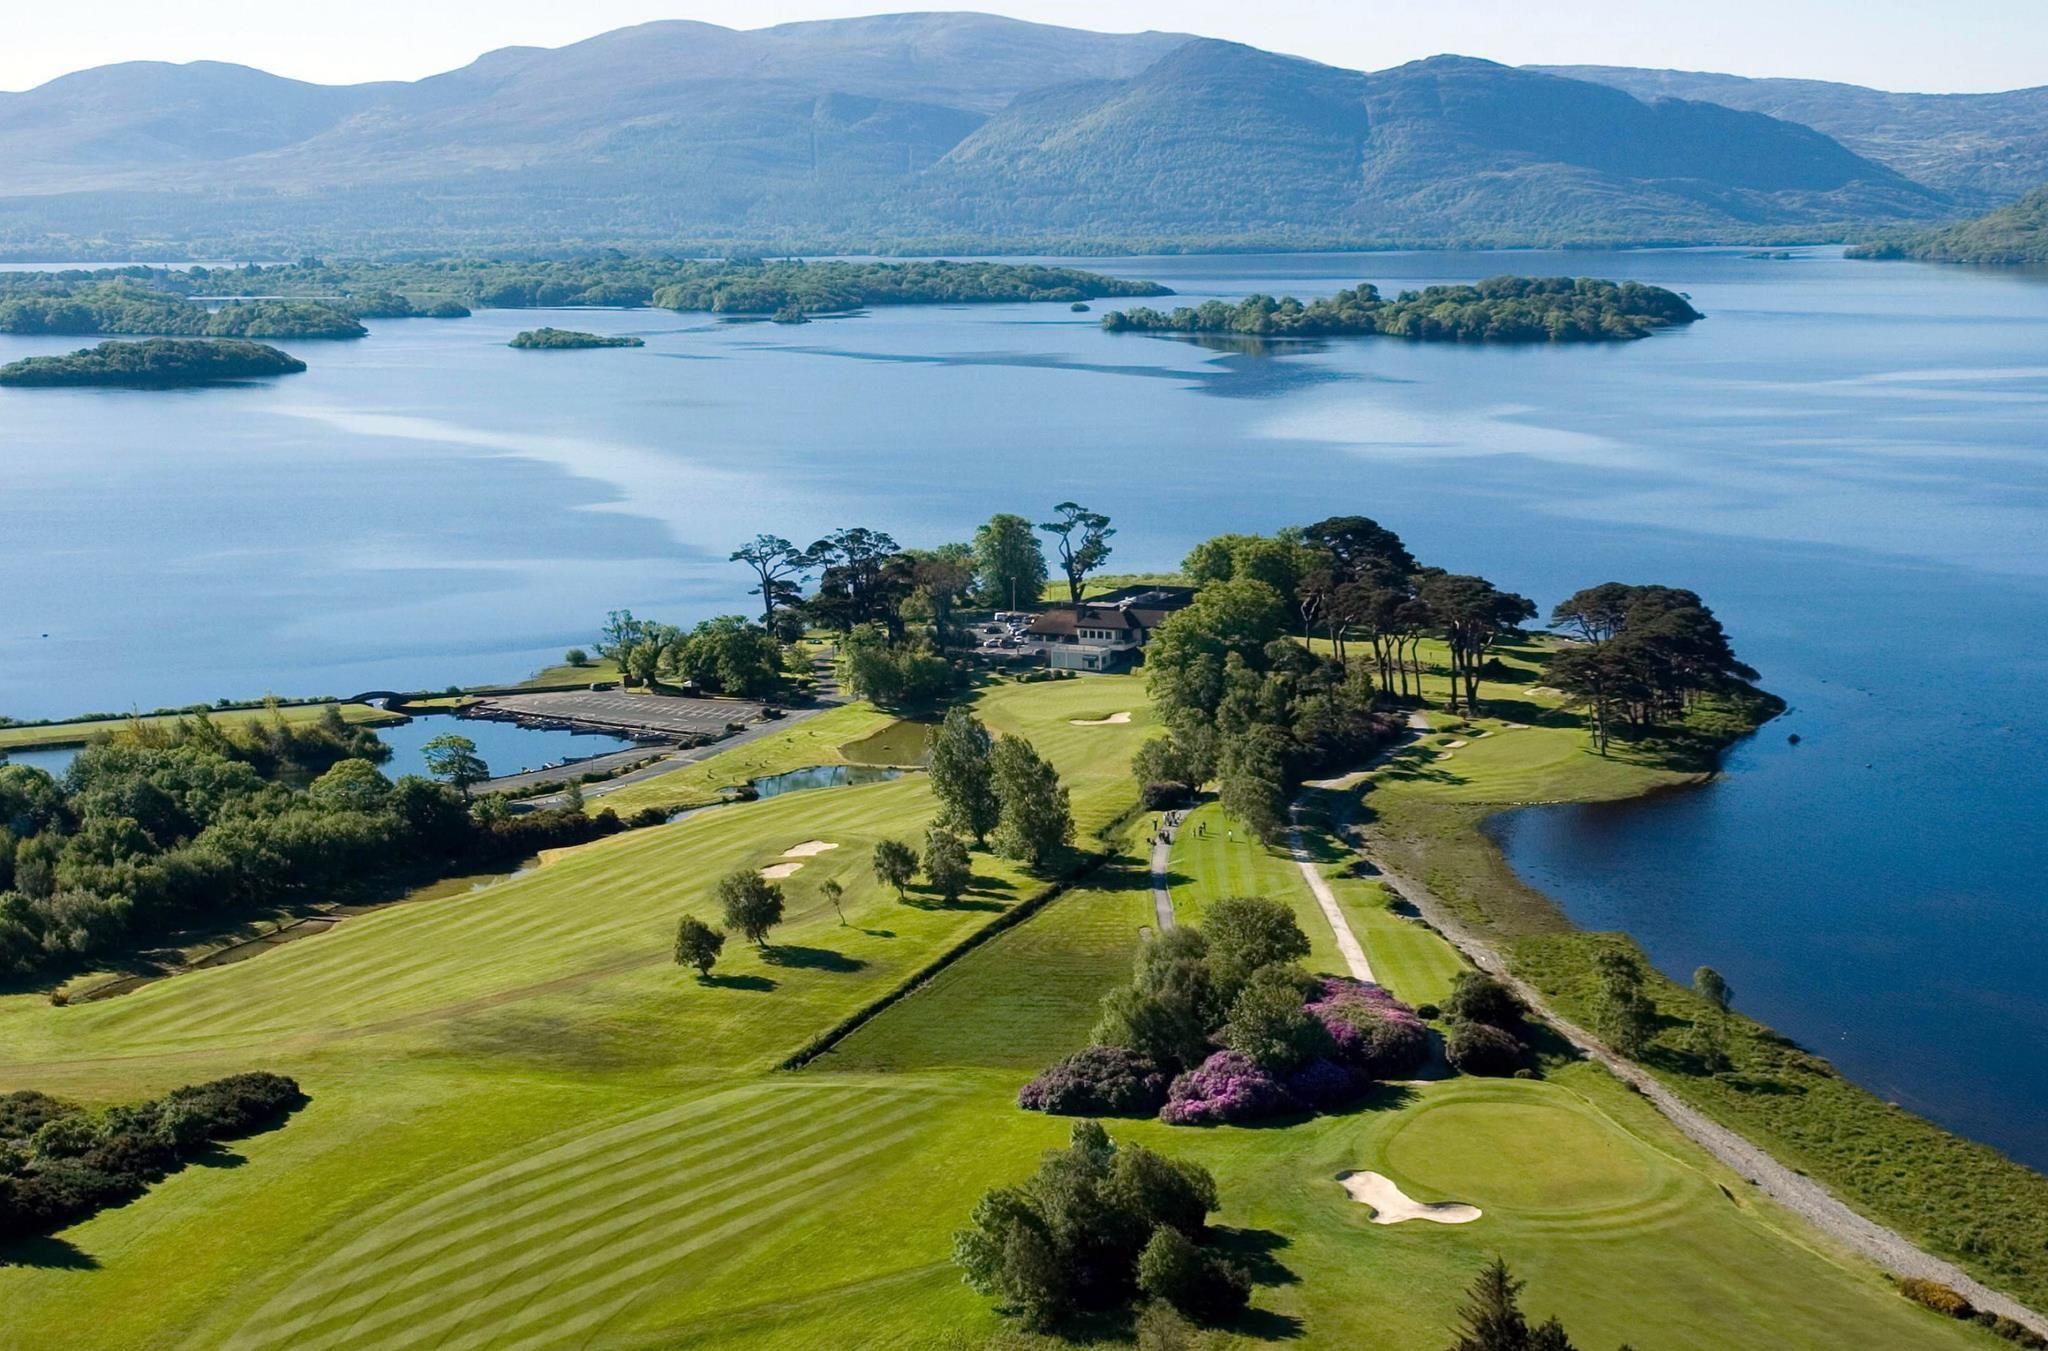 The Killarney Golf & Fishing Club